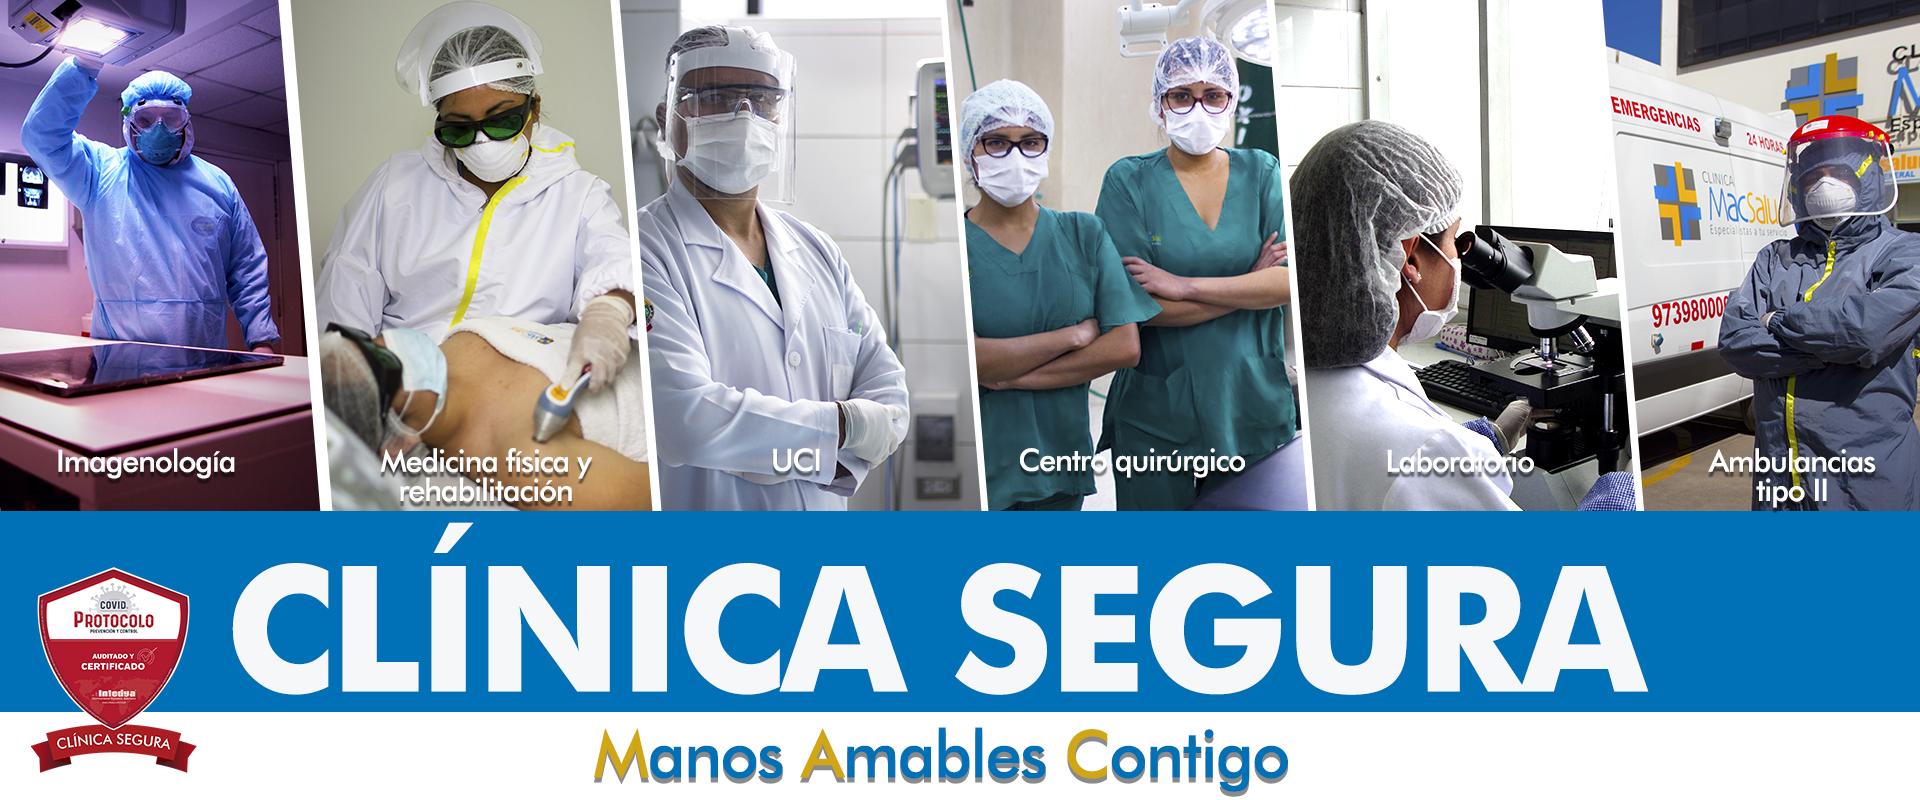 macsalud clinica segura servicios